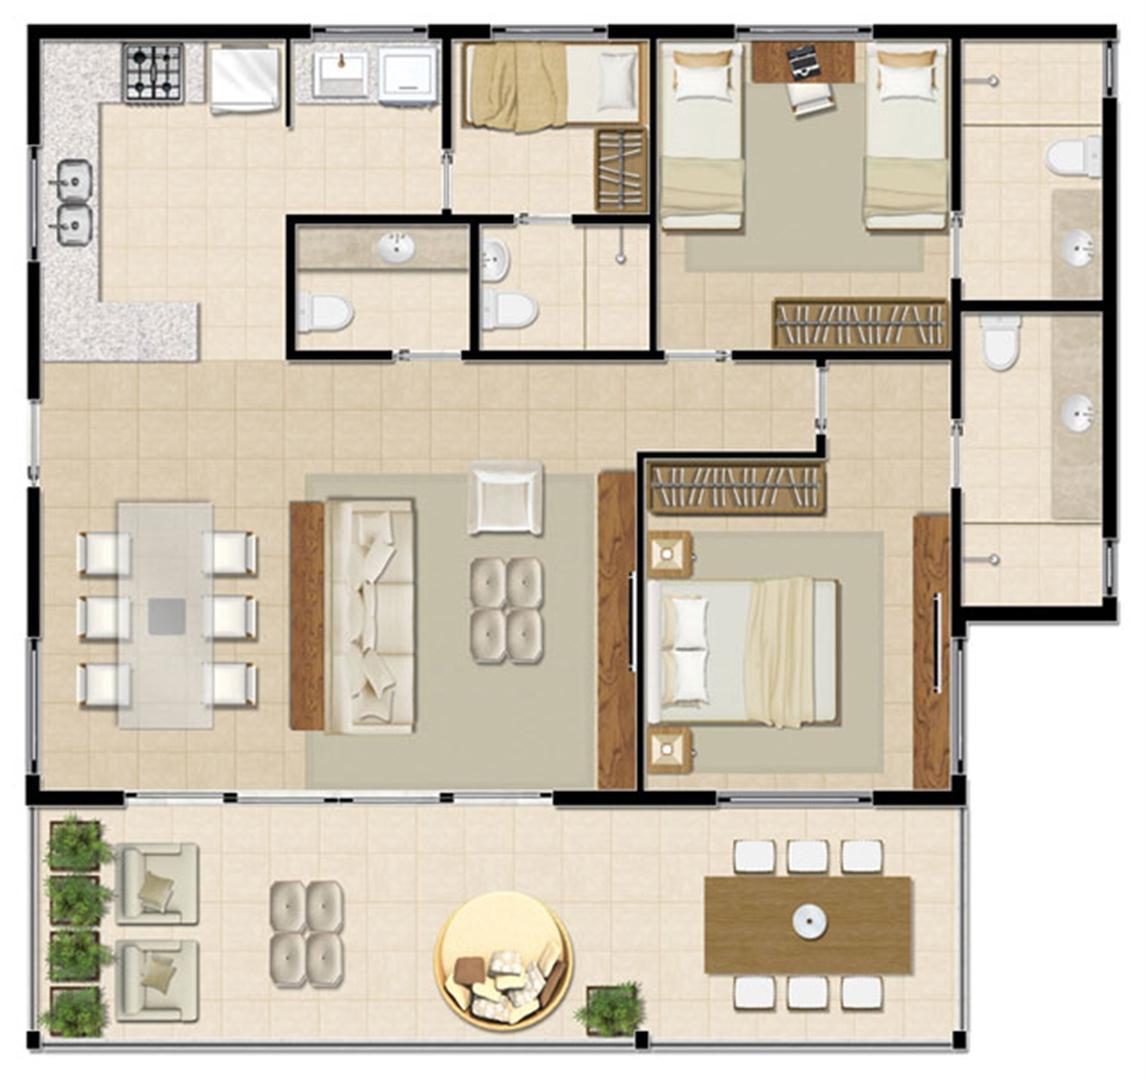 Bangalô Superior - 112 m² | Mandara Lanai – Apartamento no  Porto das Dunas - Aquiraz - Ceará